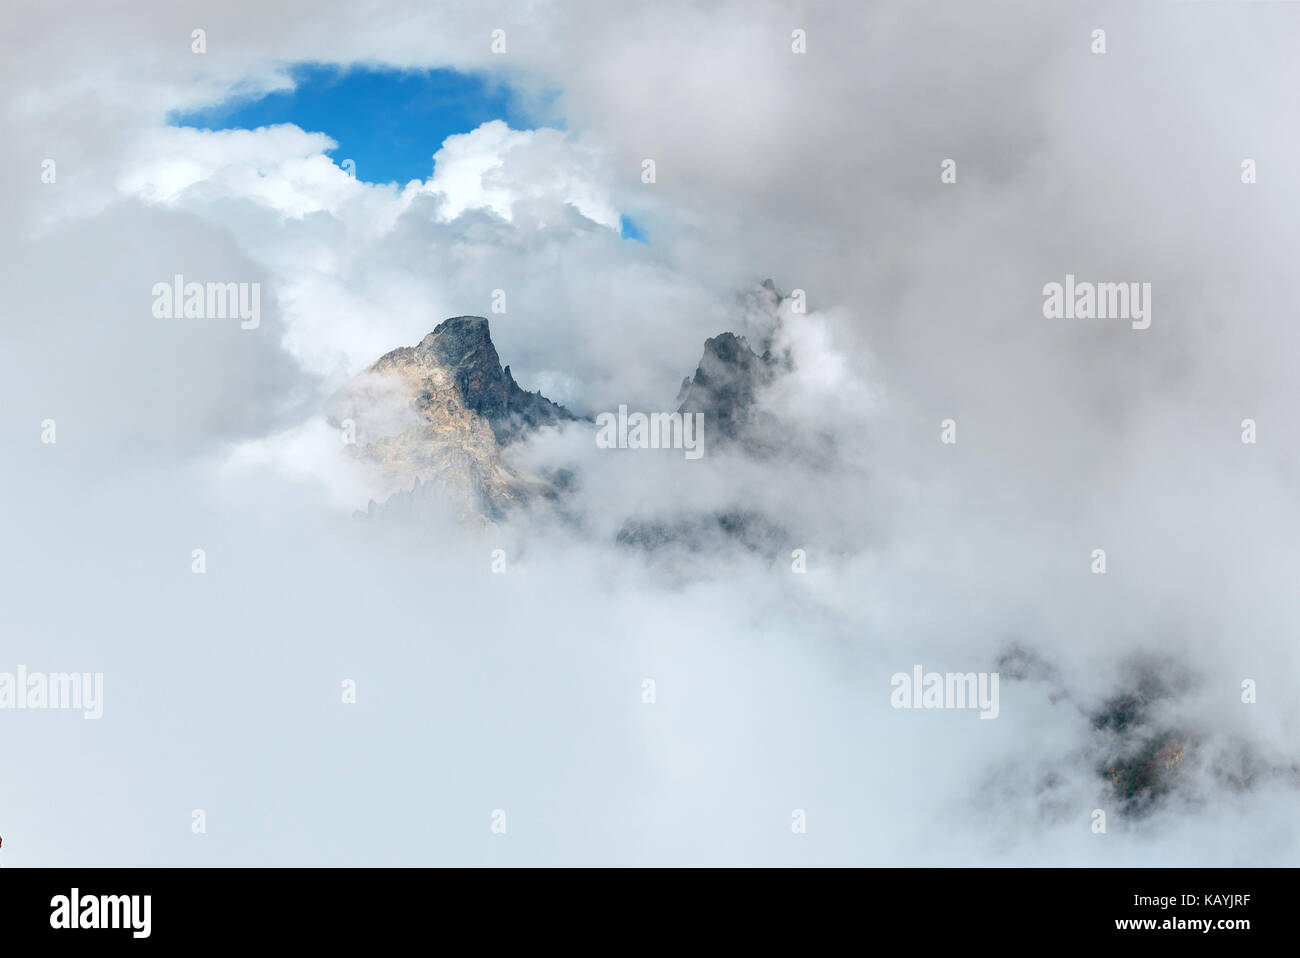 Thick fog on the mountain pass Goulet. Georgia, Svaneti.Caucasus mountains - Stock Image